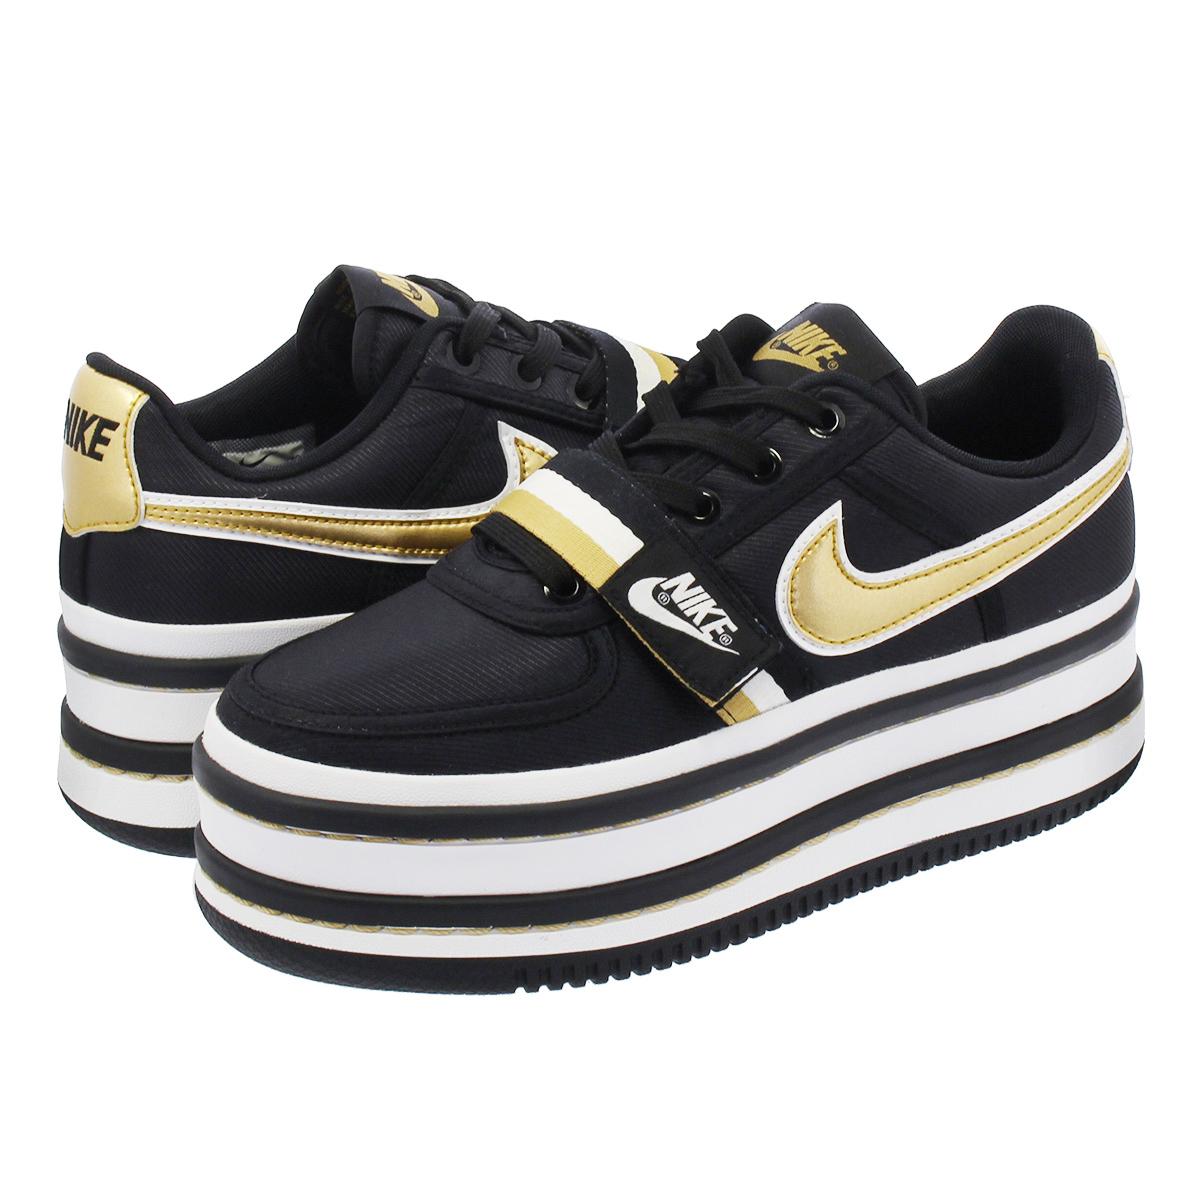 771fa8e91d02 NIKE WMNS VANDAL 2K Nike women Vandal 2K BLACK METALLIC GOLD ao2868-002